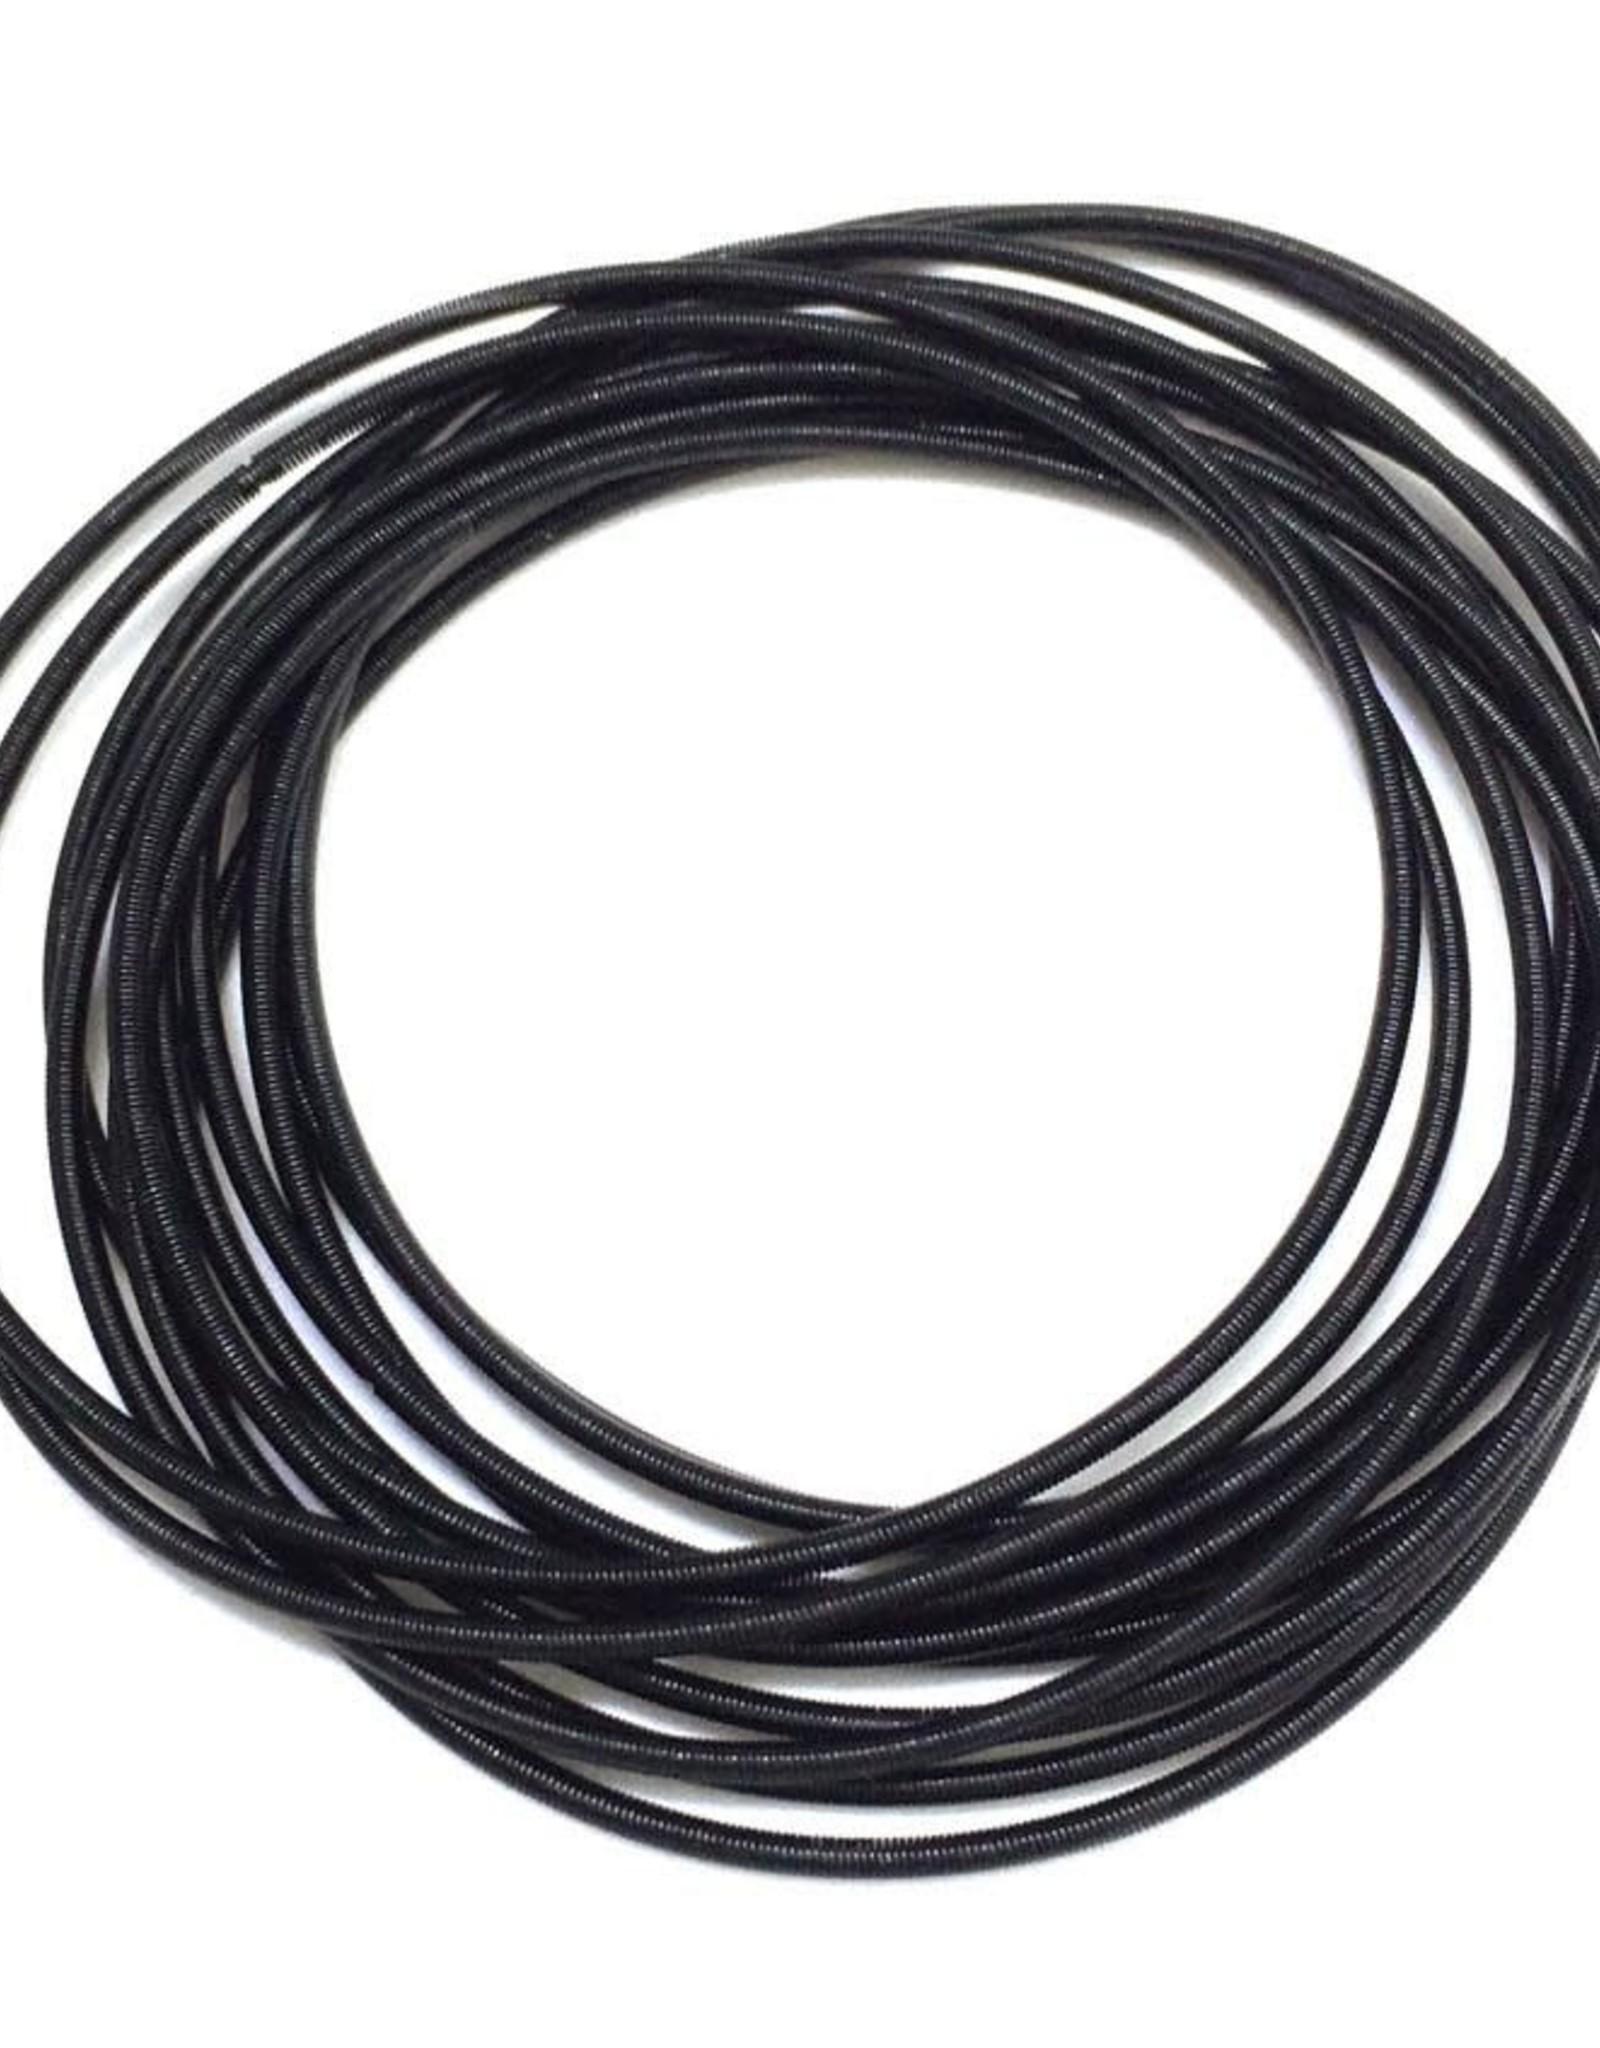 Sea-Lily Black Unbound Bracelets